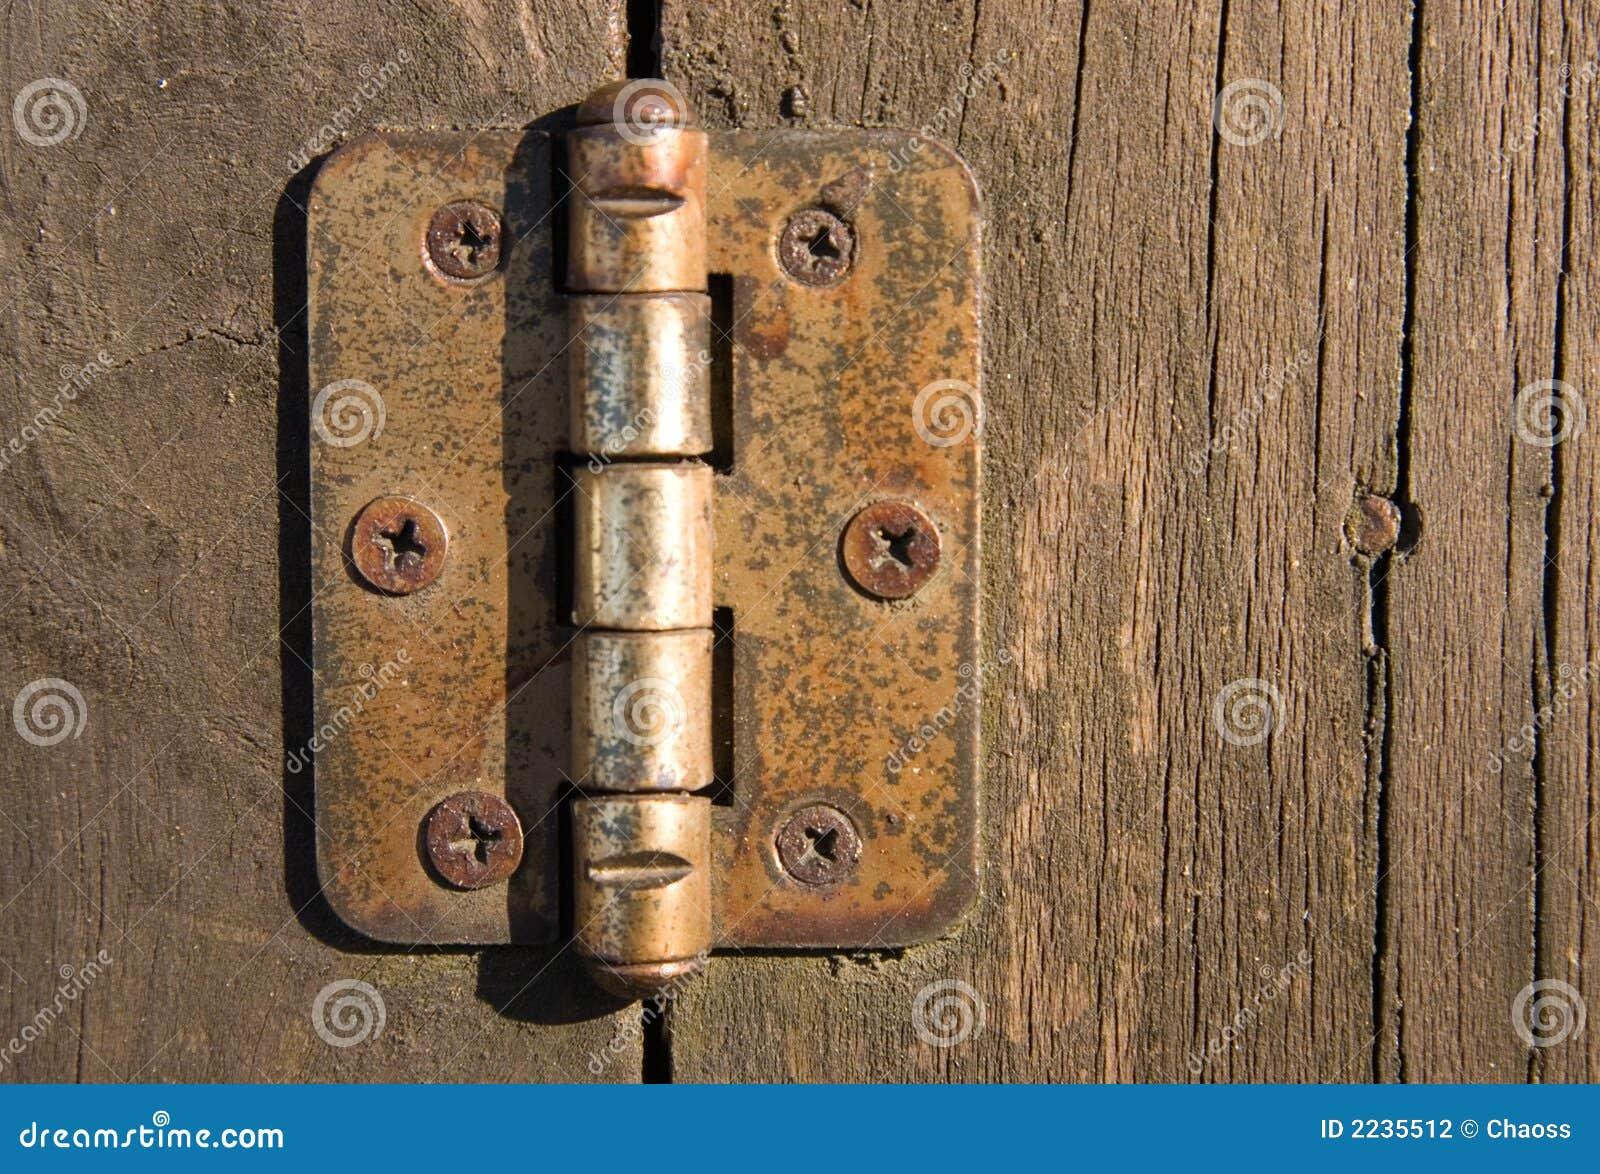 How to hang a door Bunnings Warehouse